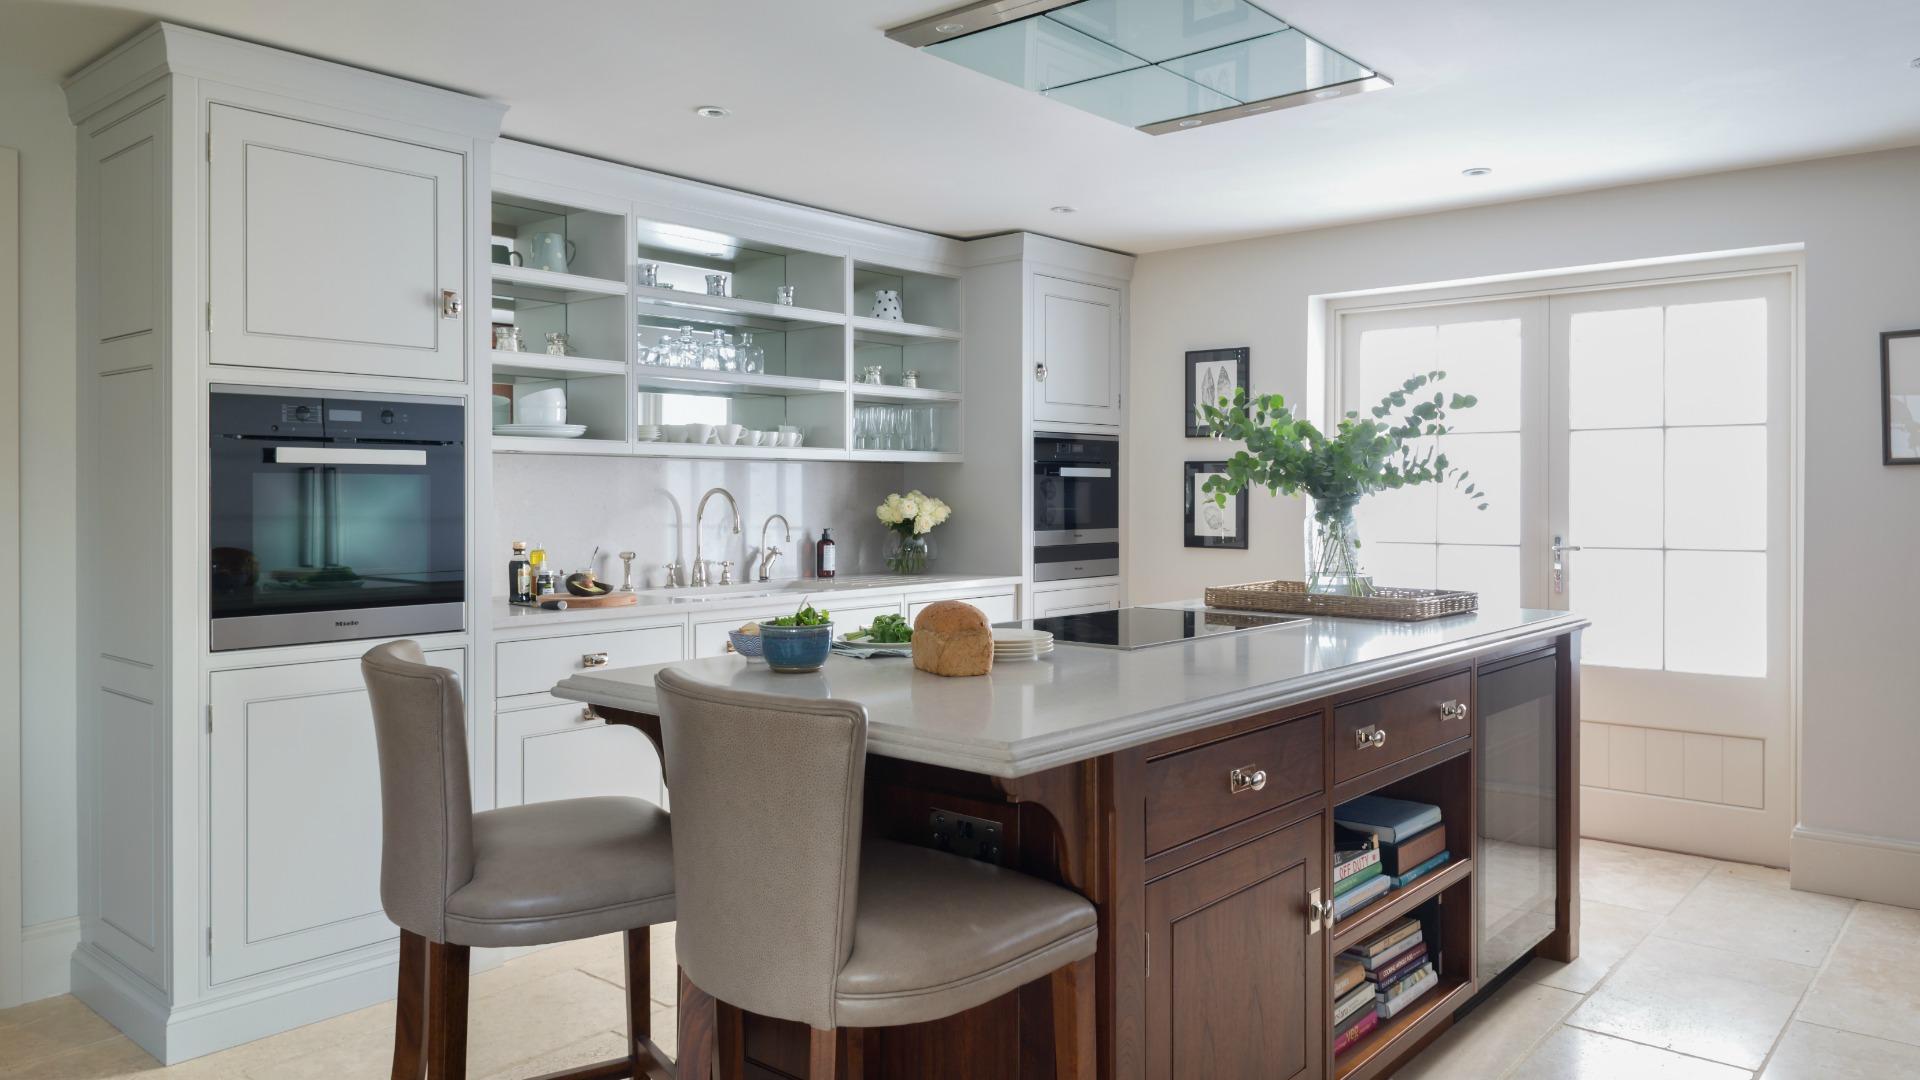 Miele Ovens, Induction Hob, Extraction, Fridge, Freezer - Humphrey Munson Blog